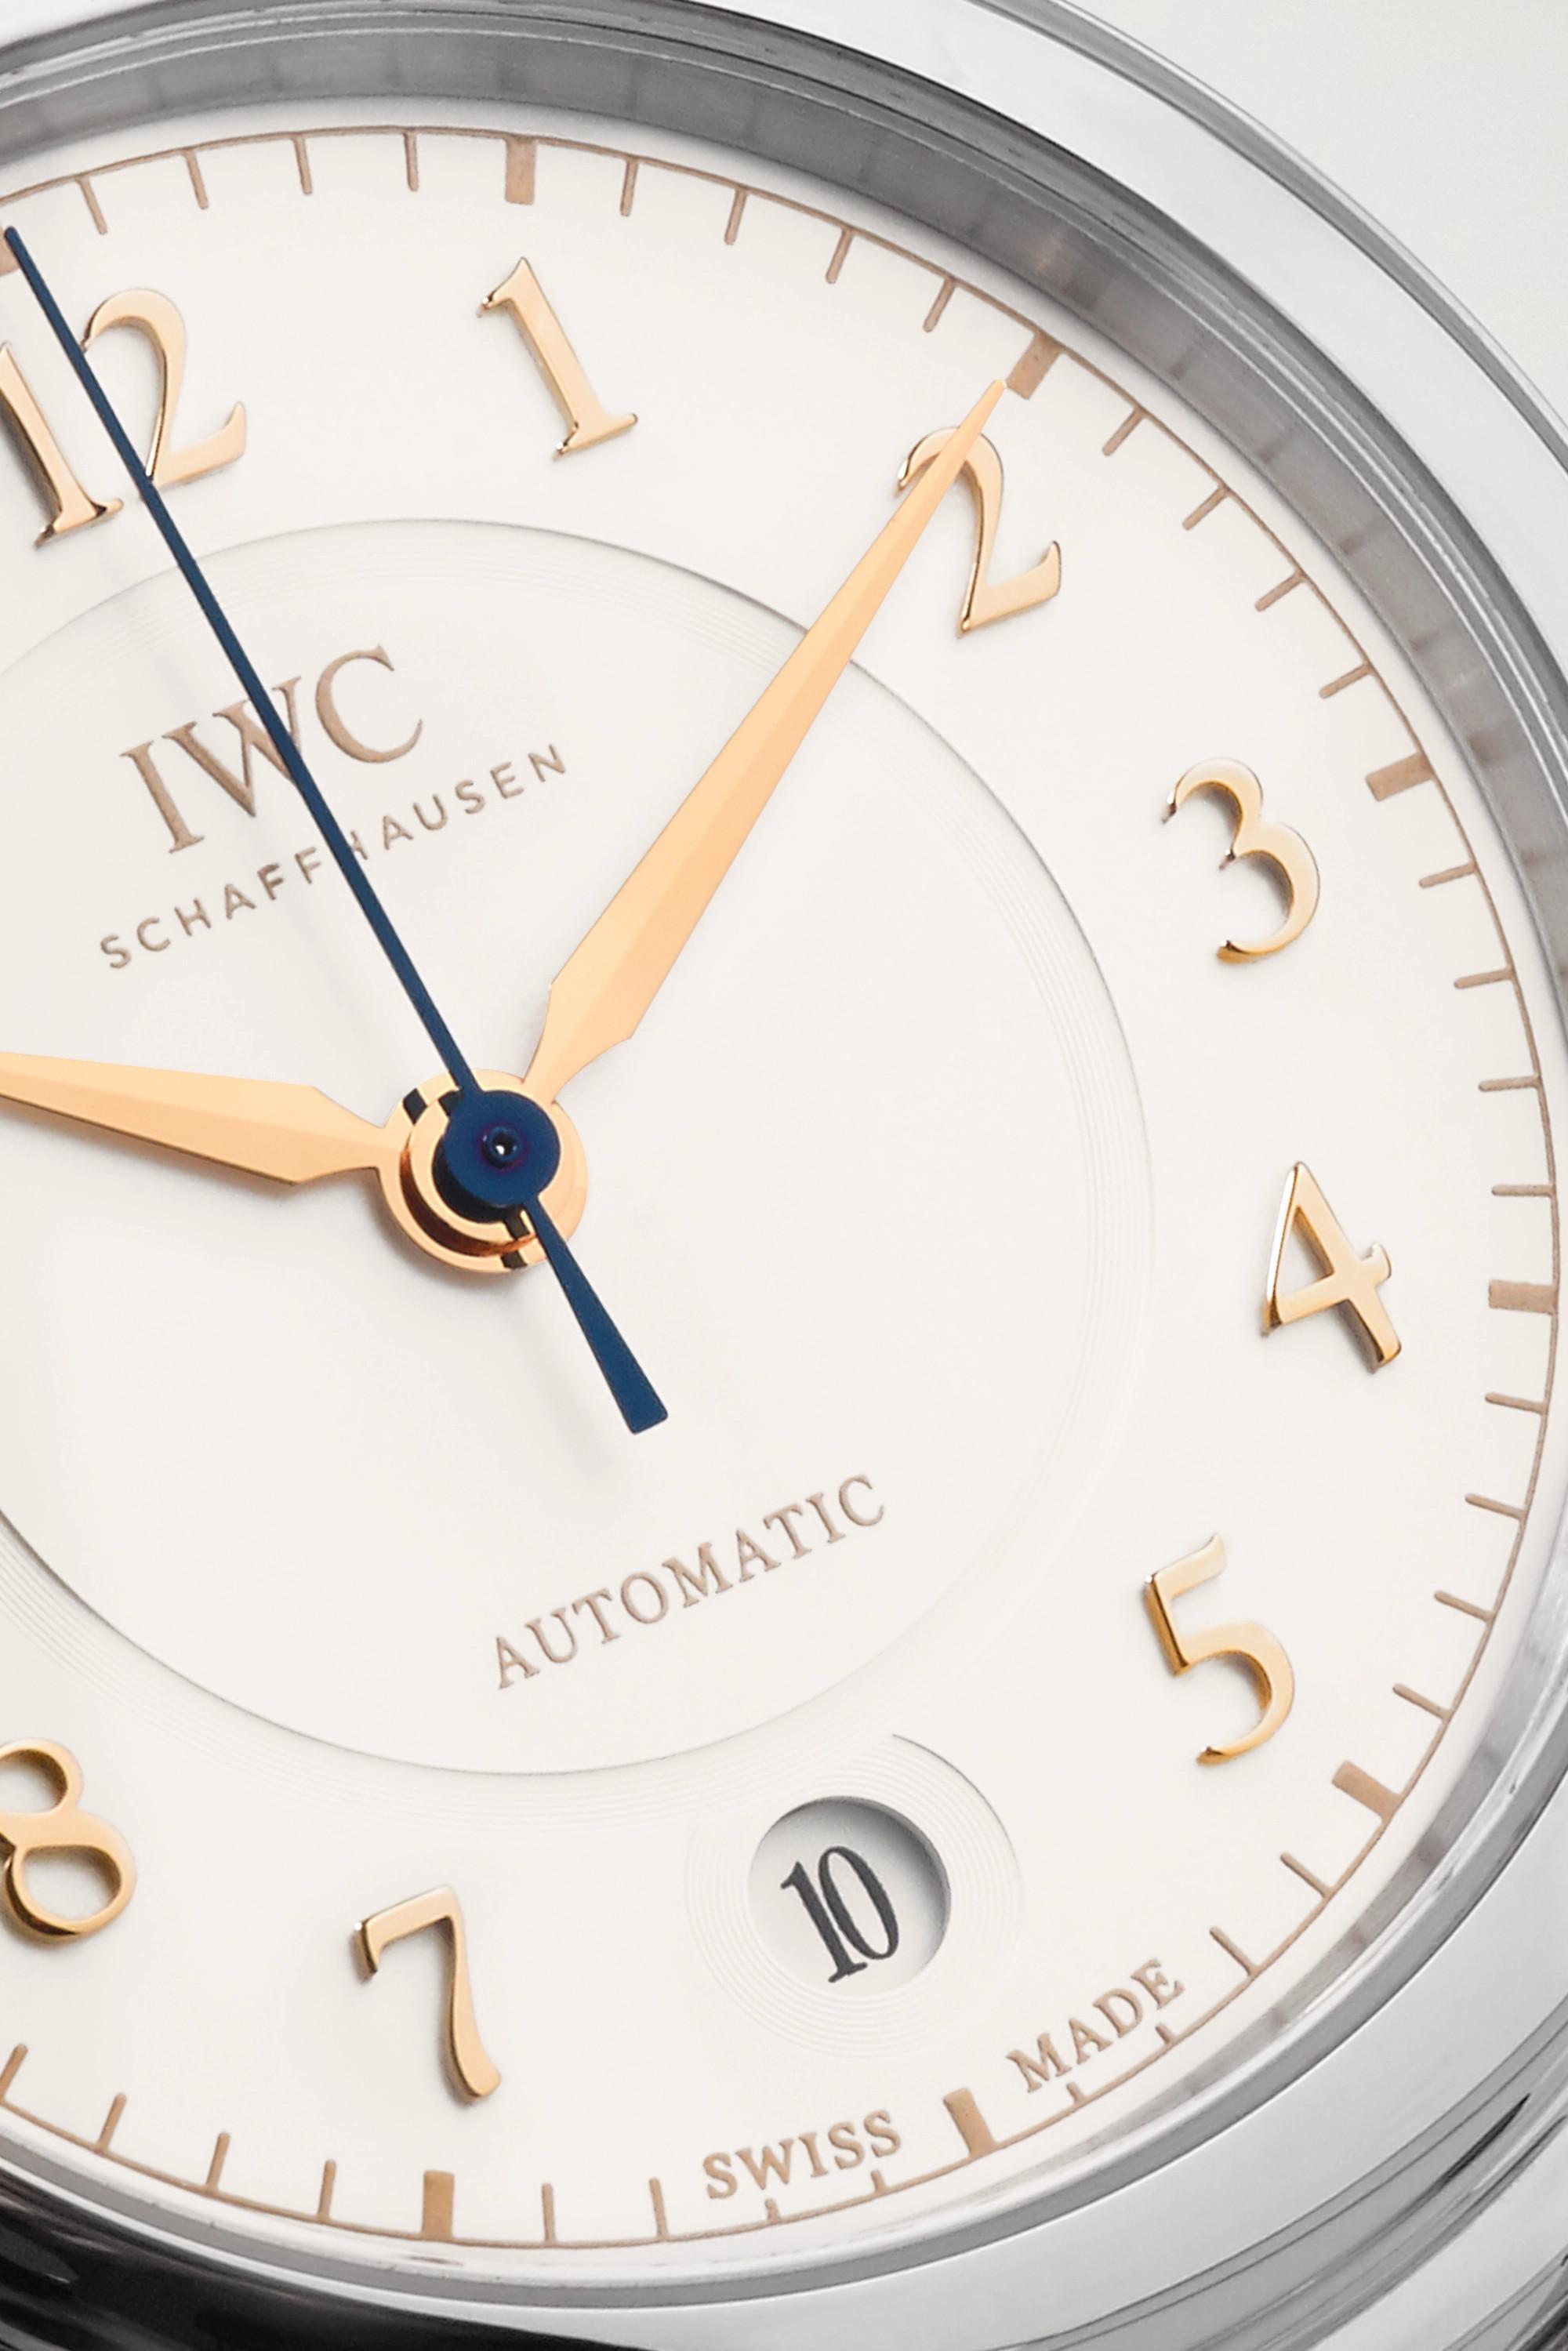 IWC SCHAFFHAUSEN Da Vinci Automatic 36mm stainless steel watch